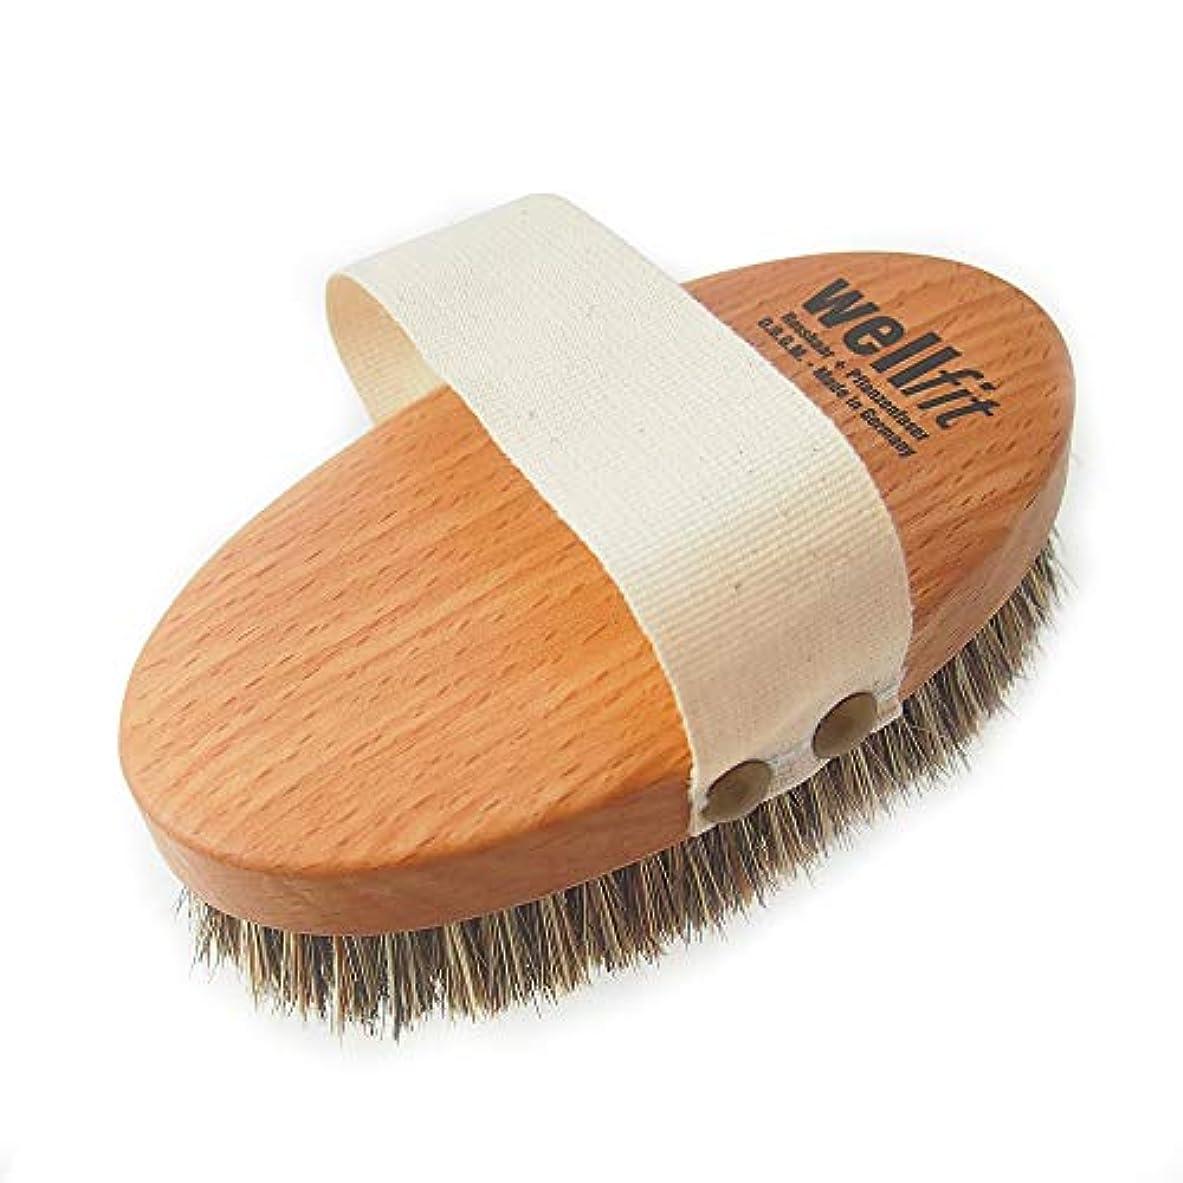 浸したる相対サイズレデッカー Redecker マッサージブラシ(ミディアムハード 馬毛と植物毛の混毛植毛) 正規品